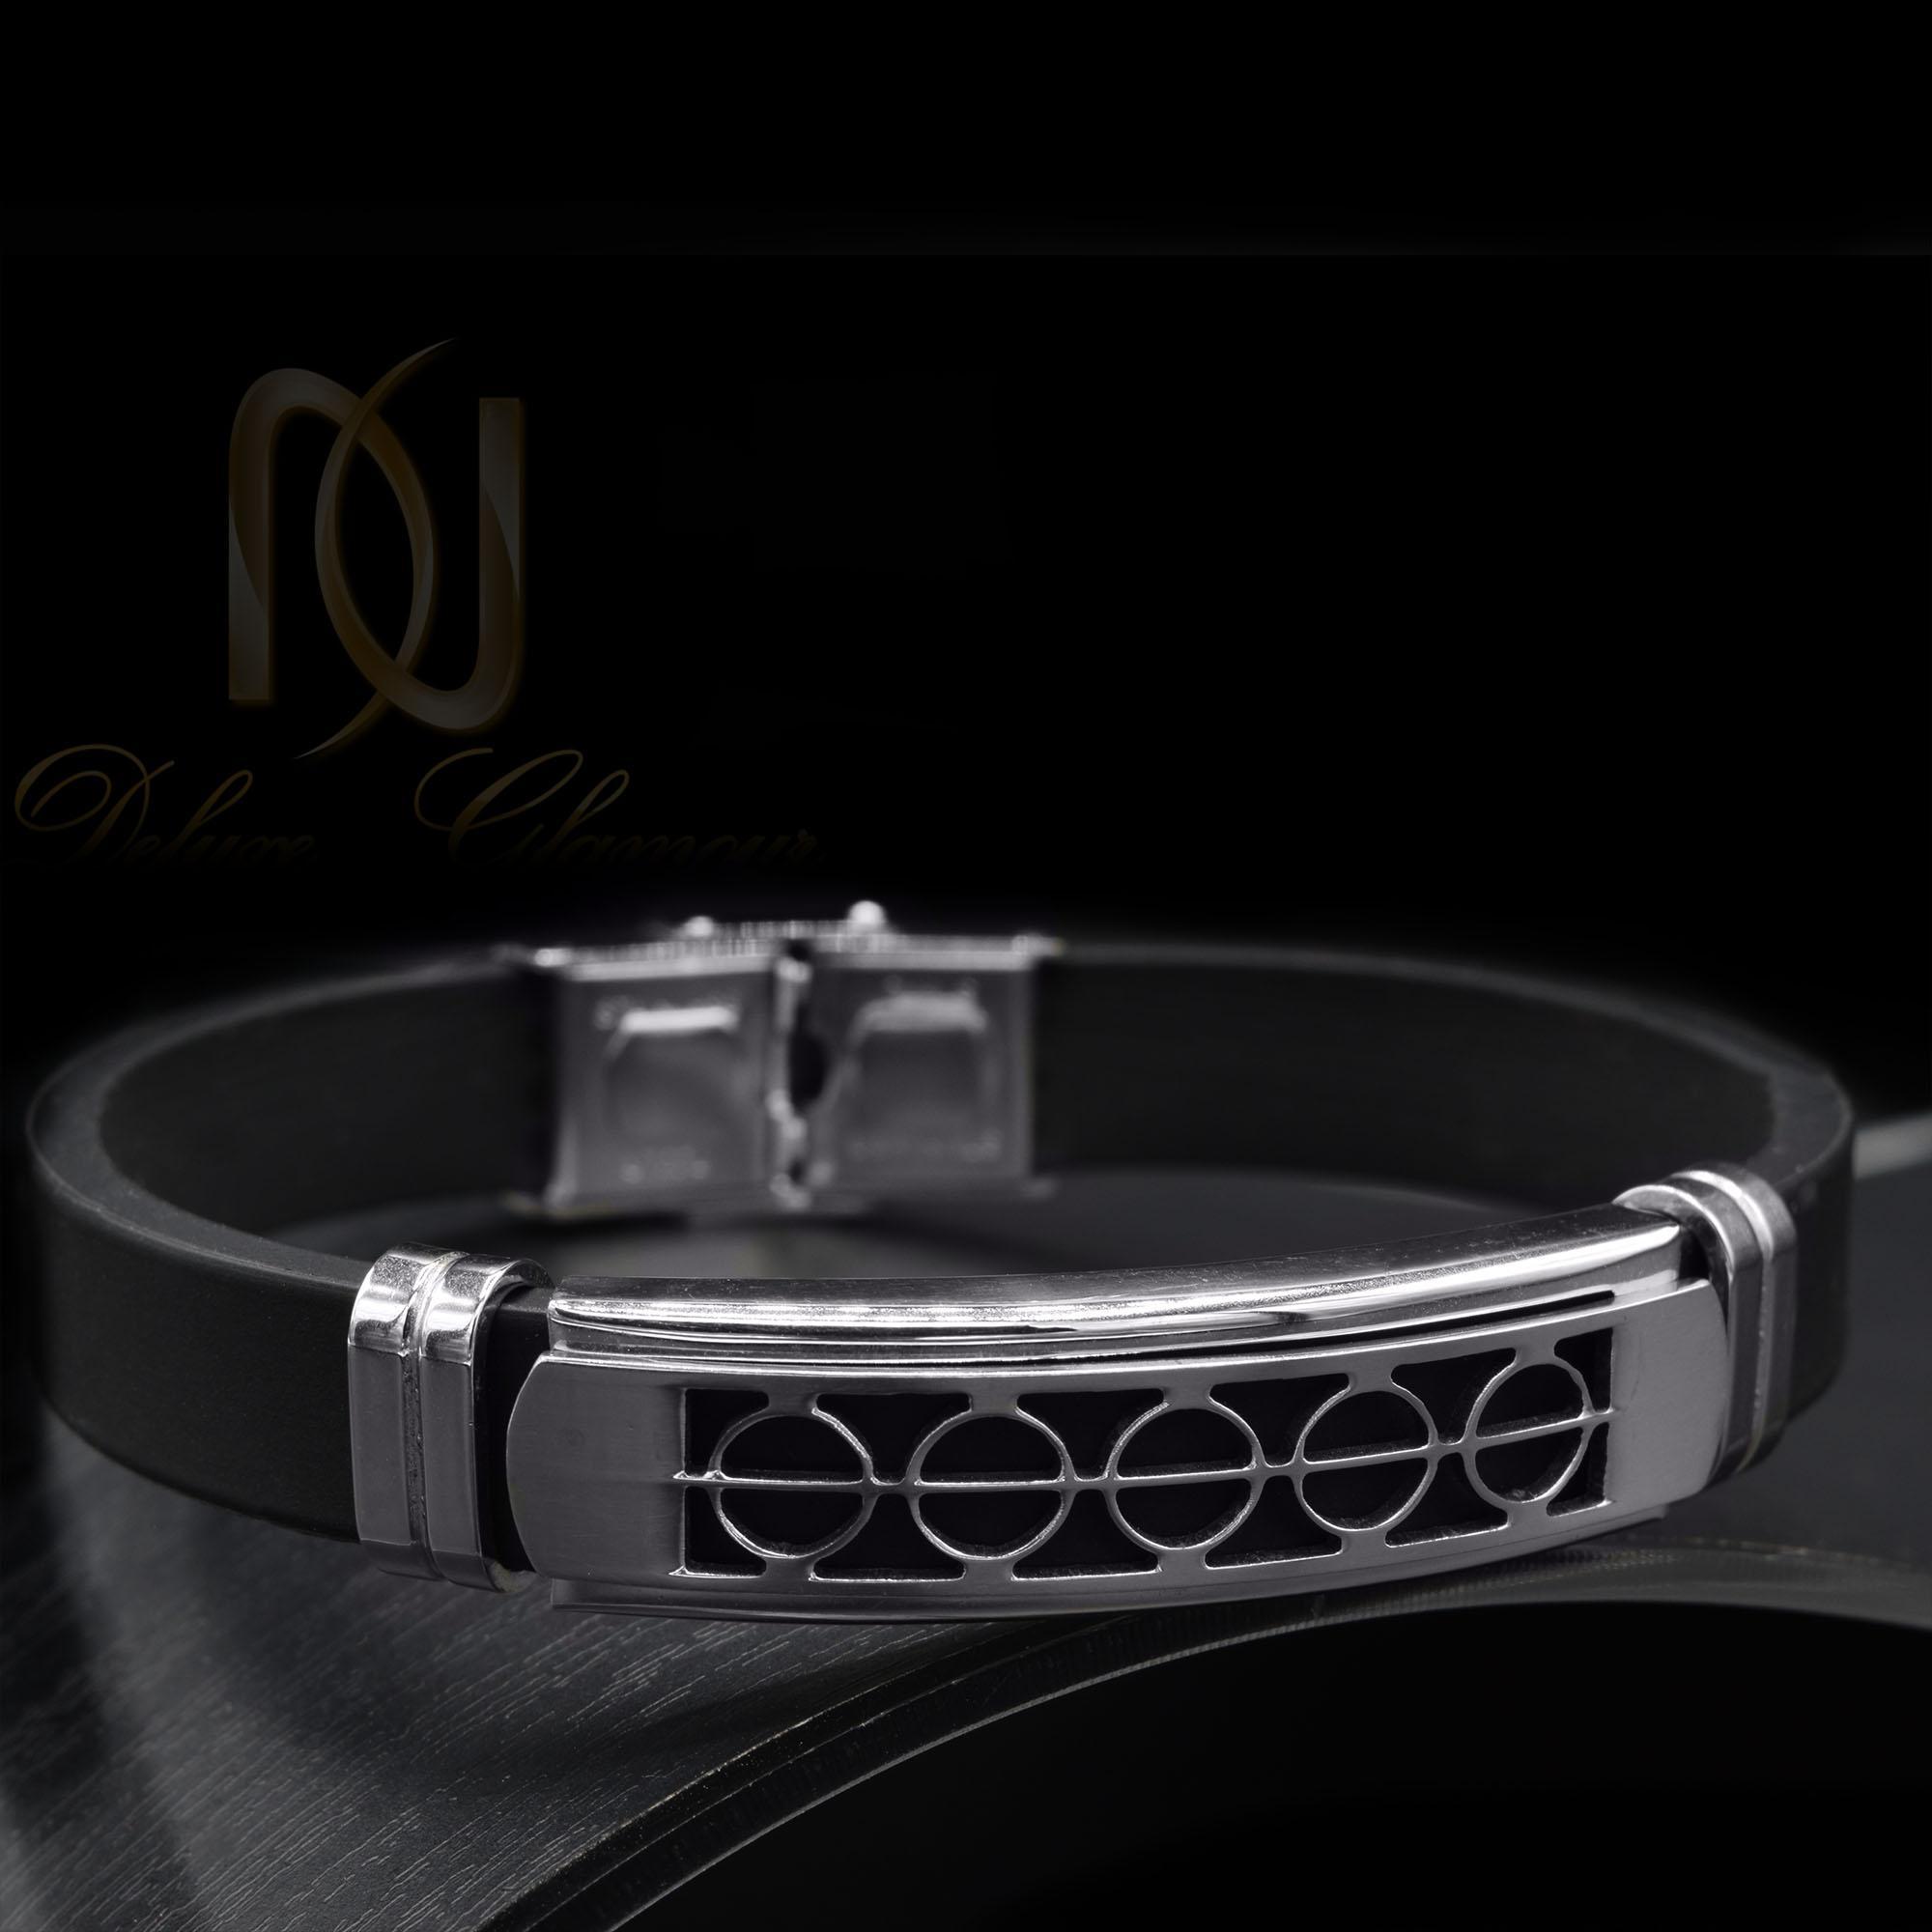 دستبند مردانه اسپرت مشکی رویه استیل ds-n439 از نمای مشکی